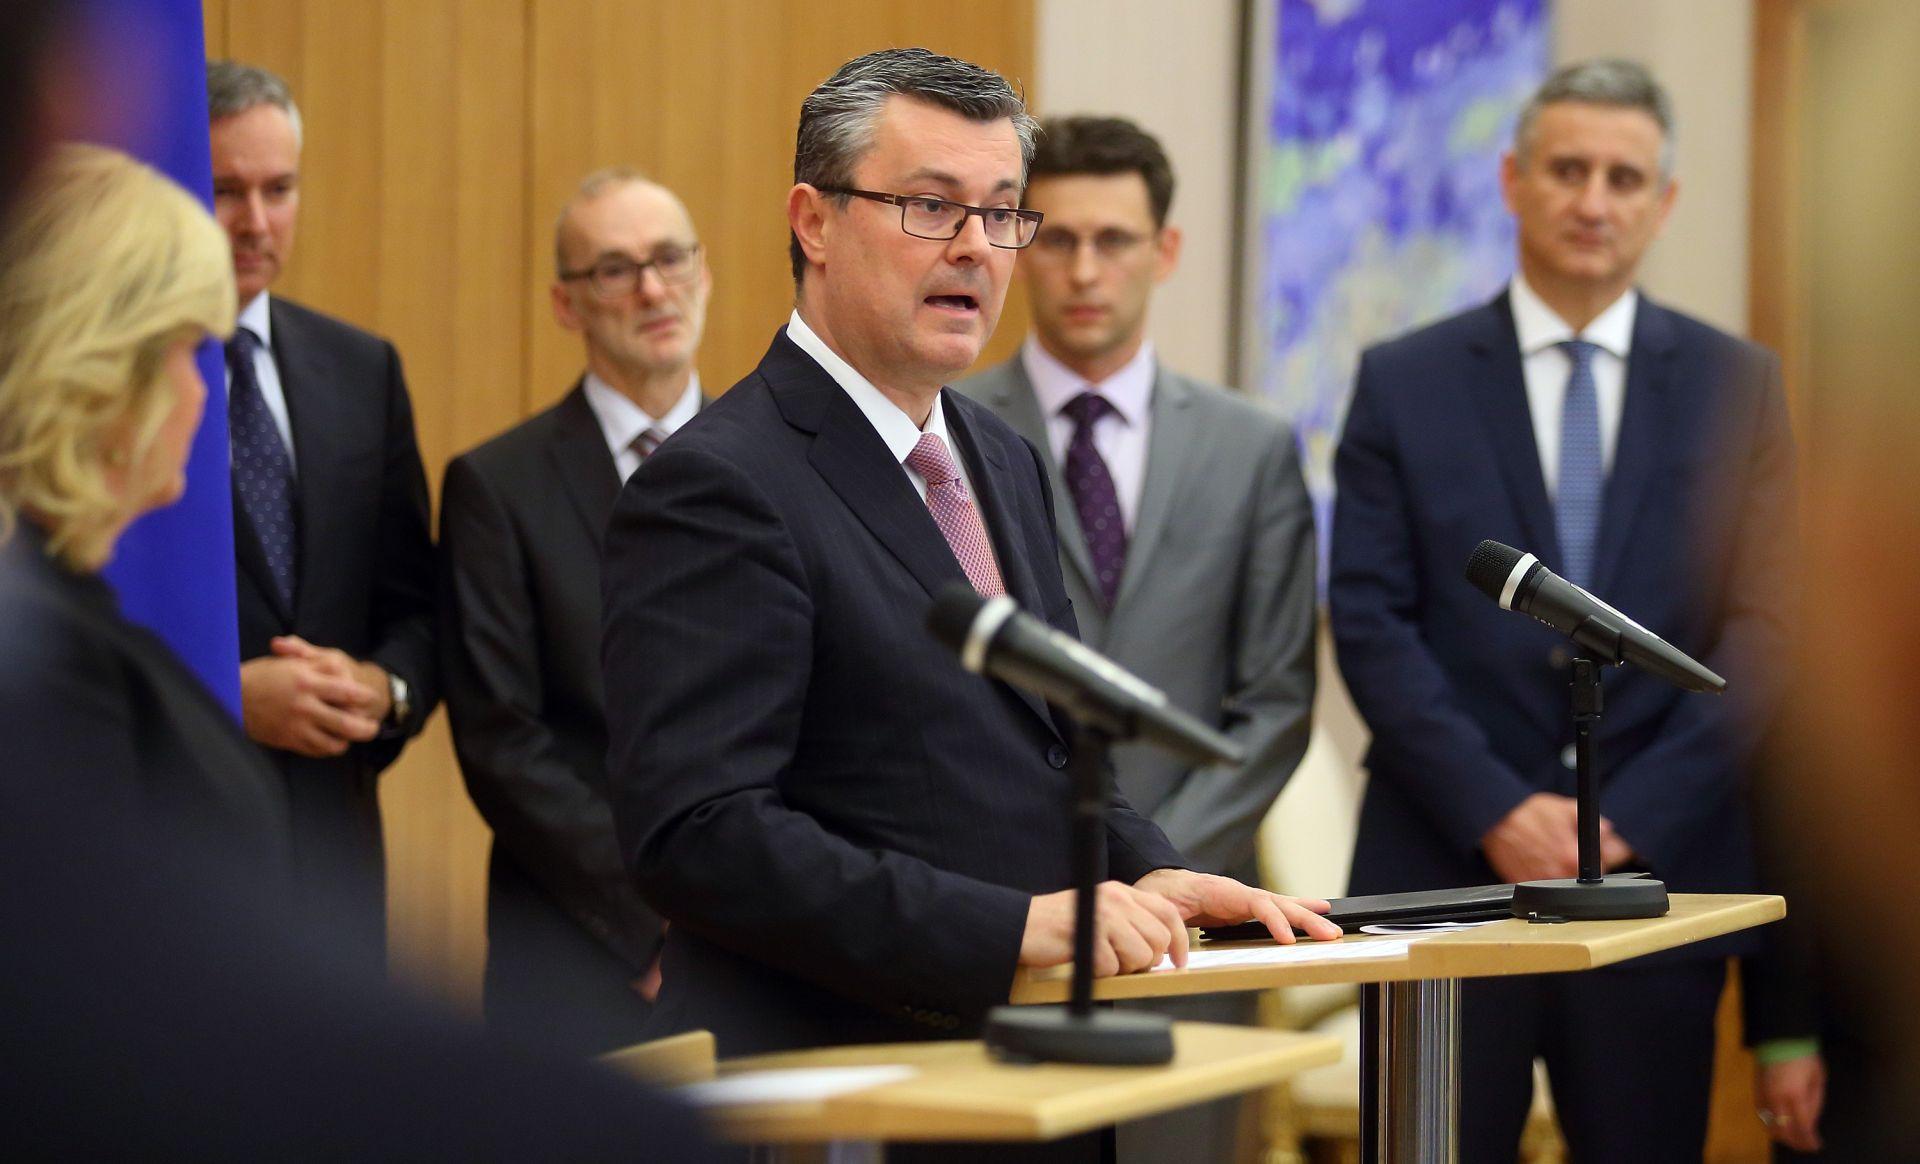 Strane agencije o hrvatskom mandataru: Tehnokrat bez političkog iskustva